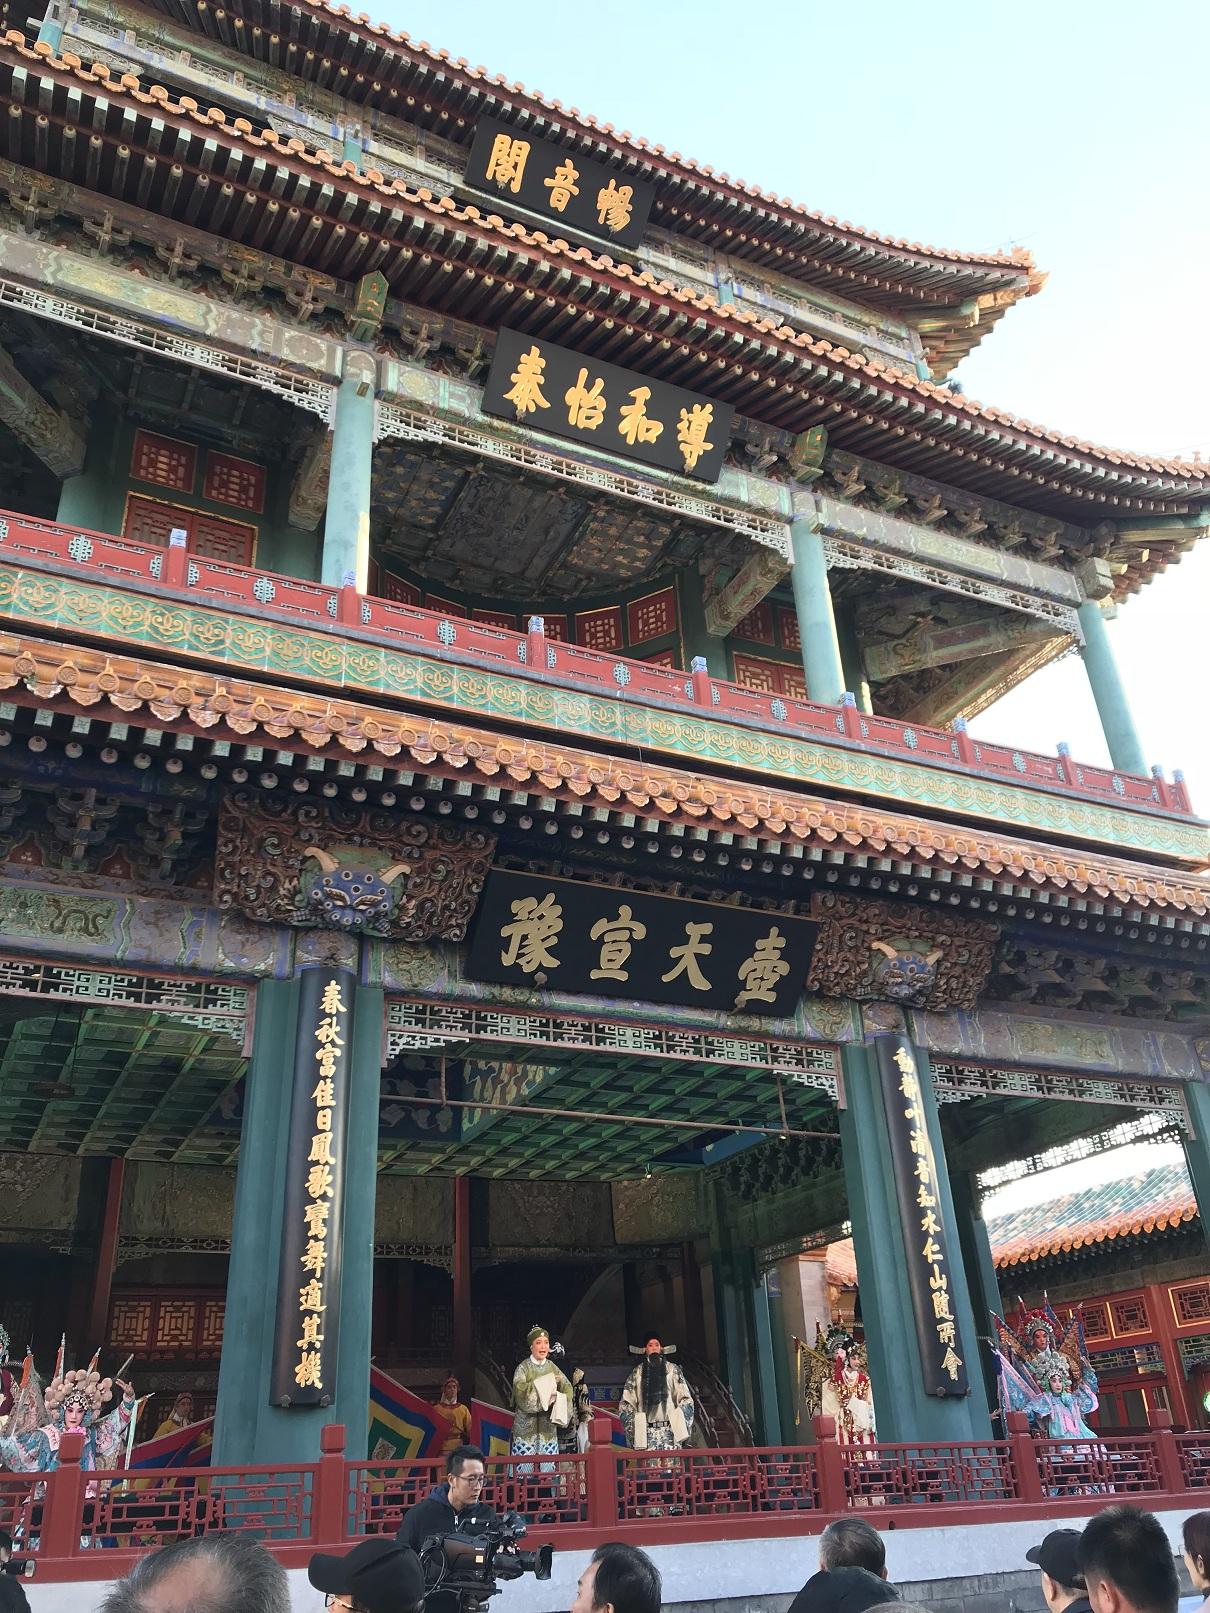 《国家宝藏》第二季启动仪式在故宫博物院宁寿宫畅音阁举行,图为国家京剧院艺术家表演1.jpg